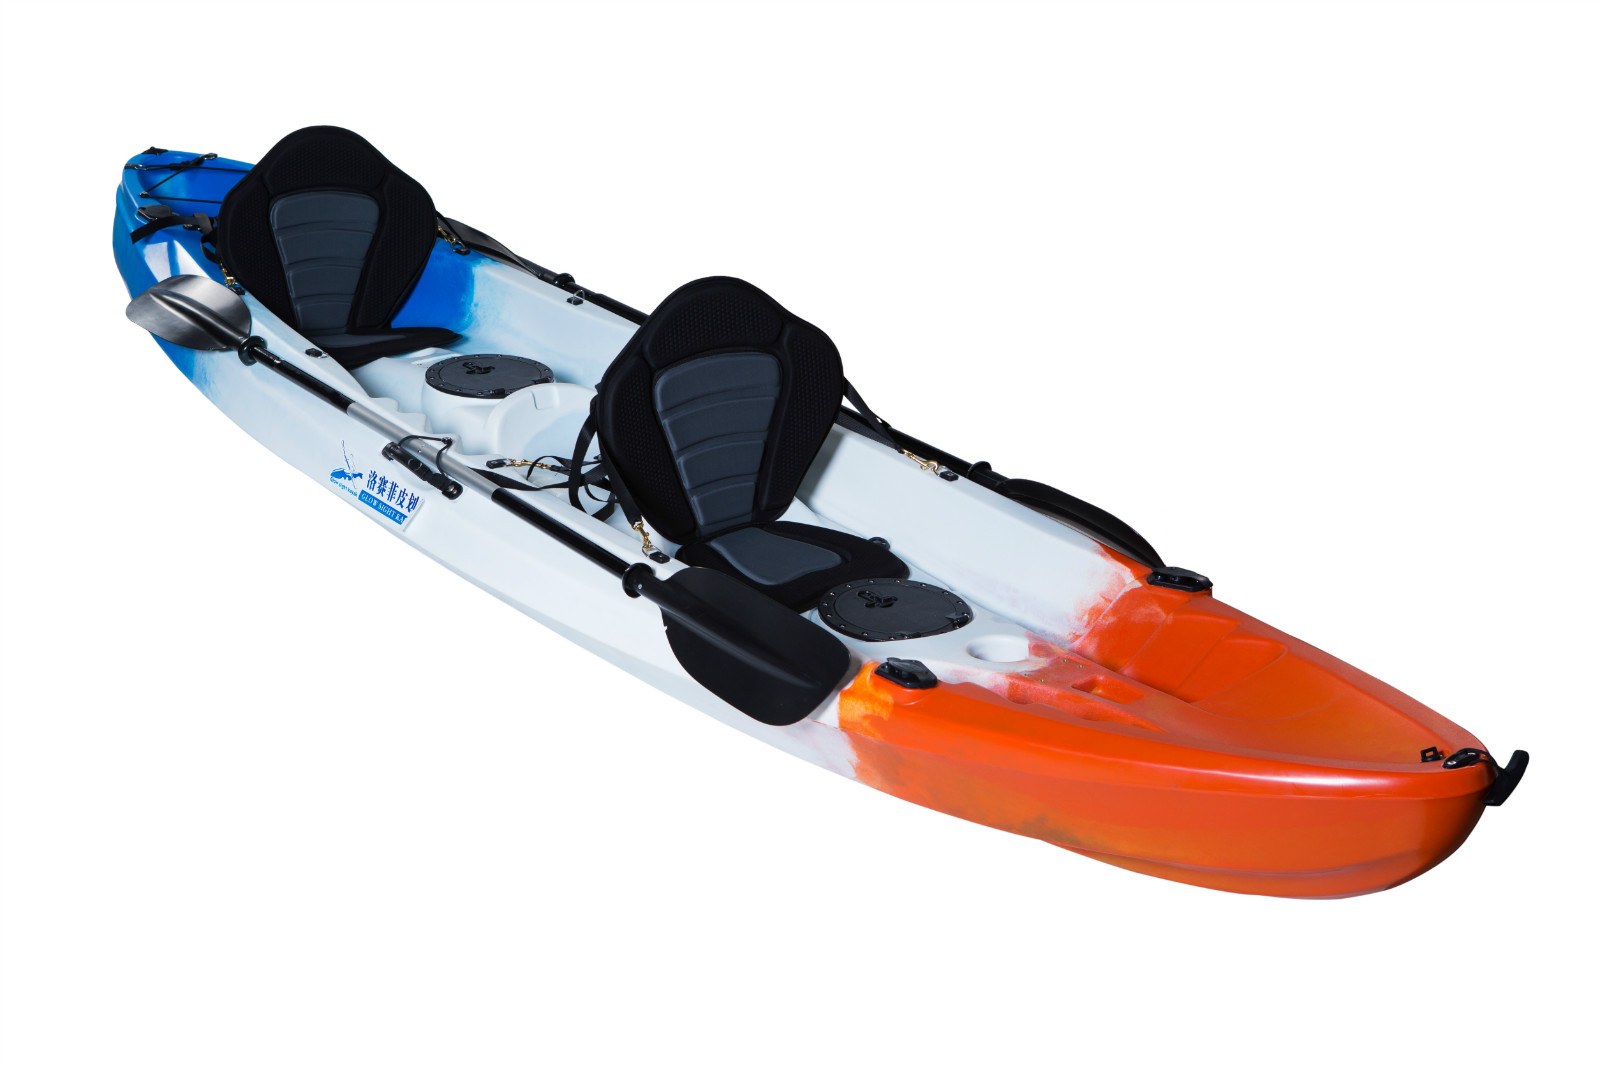 寧波腳踏皮劃艇廠家-要買不錯的皮劃艇,當選洛賽菲皮劃艇